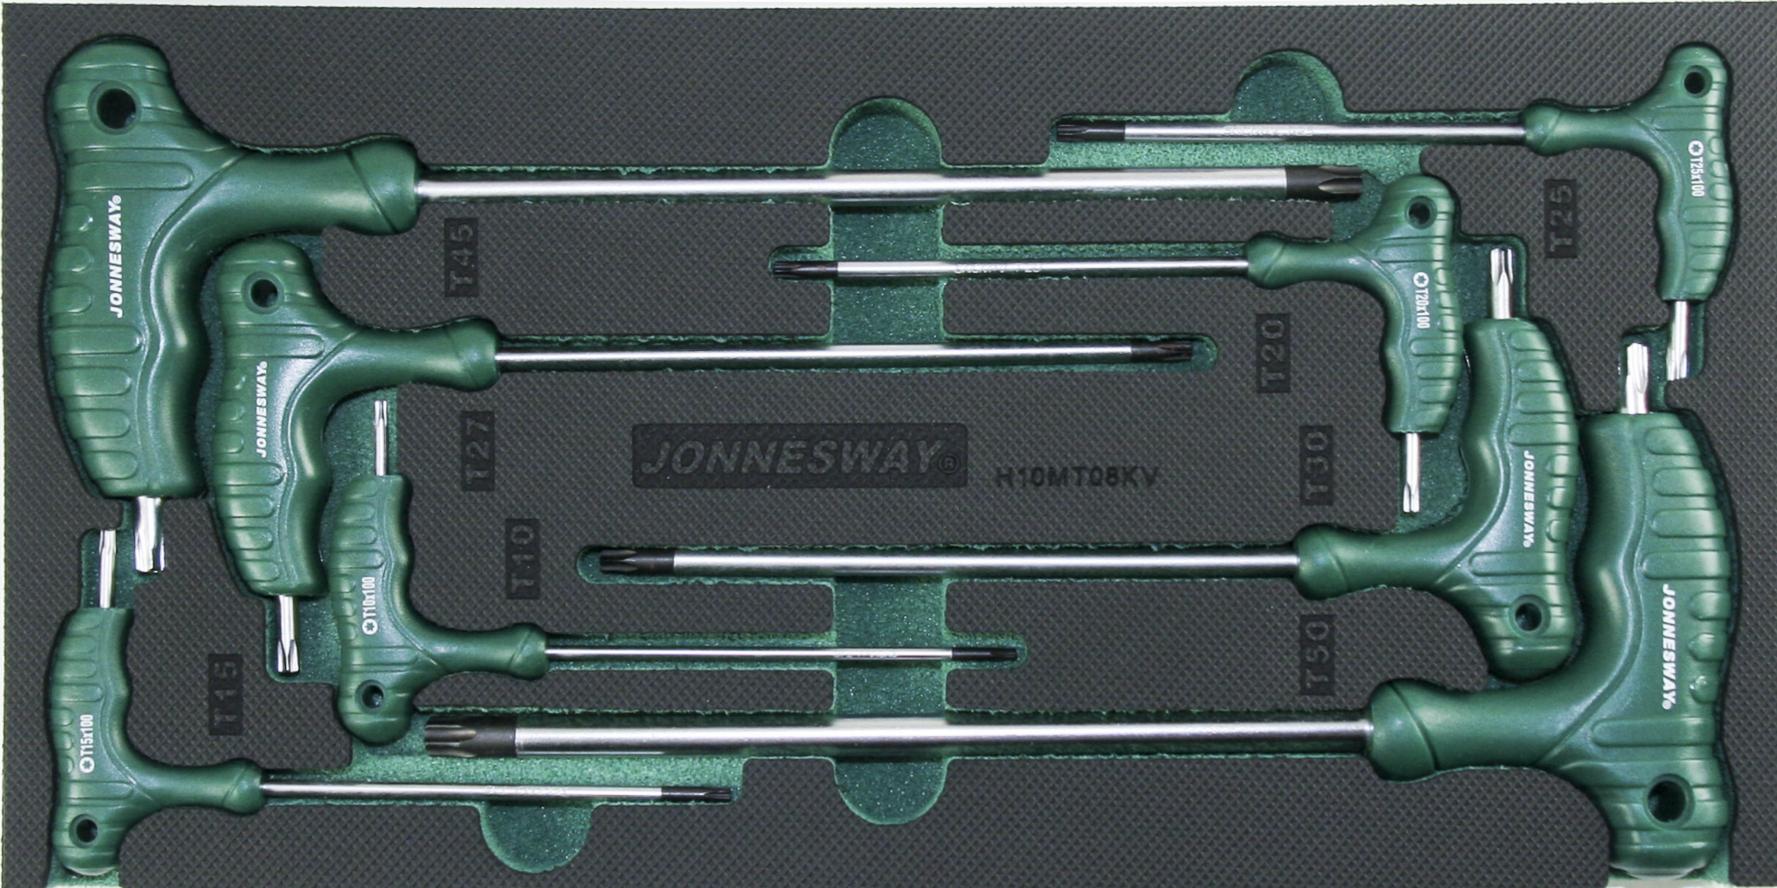 Modul pěnový - zástrčné klíče TORX s T rukojetí, T10 - T50, 8 ks - JONNESWAY H10MT08KV